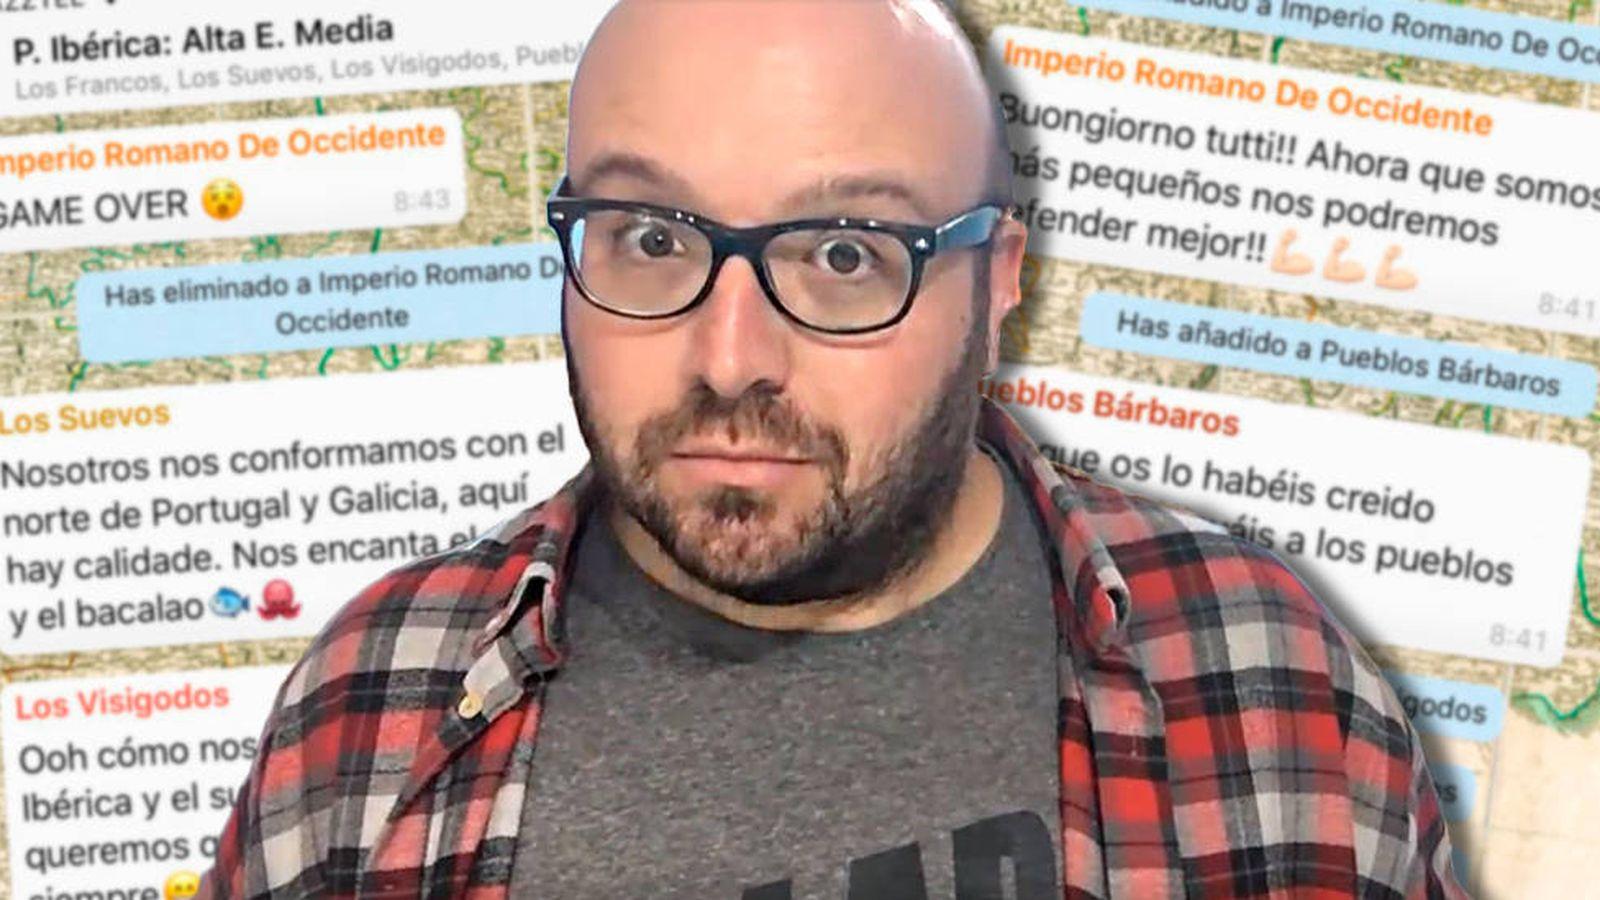 Foto: El profesor Juanito Libritos